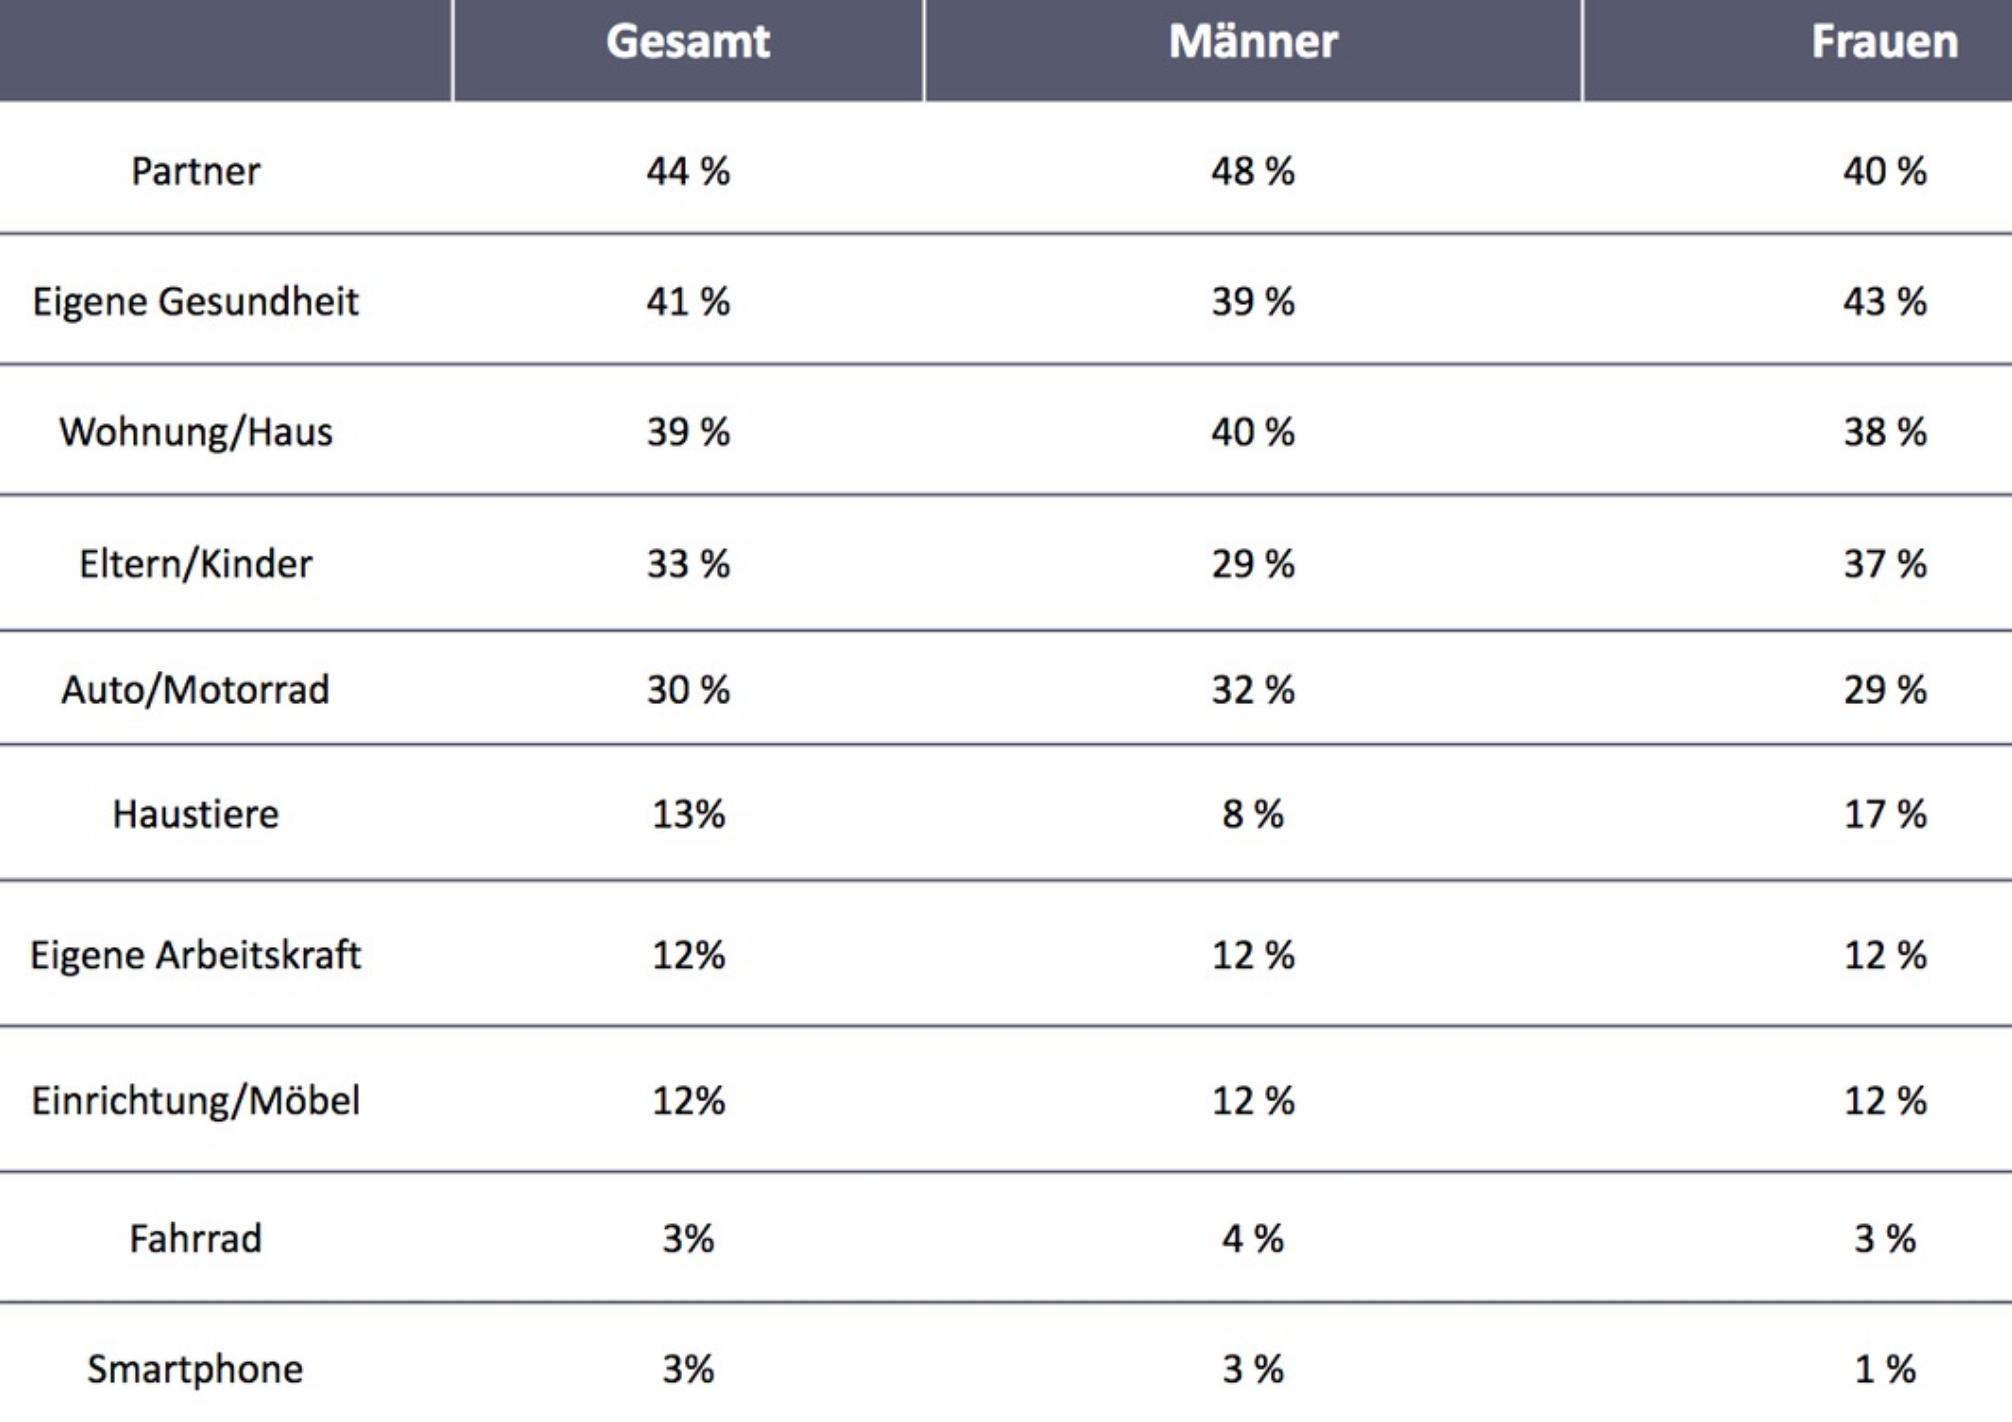 Versicherungen Deutschland - Umfrage: Jeder zweite Deutsche will den Partner versichern